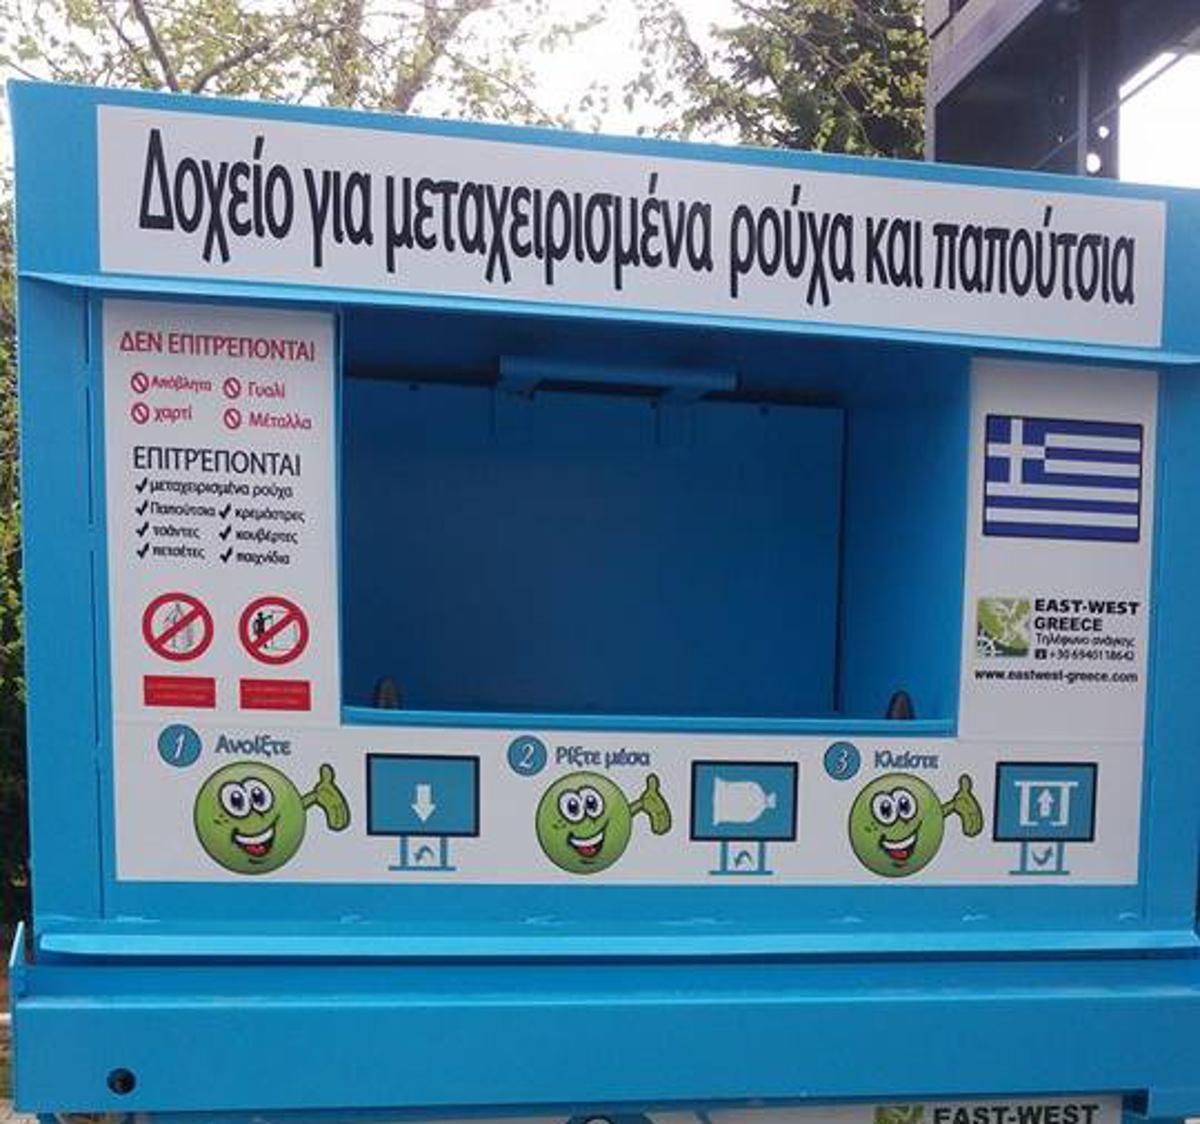 Πρόταση για κάδους ανακύκλωσης ρουχισμού, στο Δημοτικό Συμβούλιο Καρδίτσας